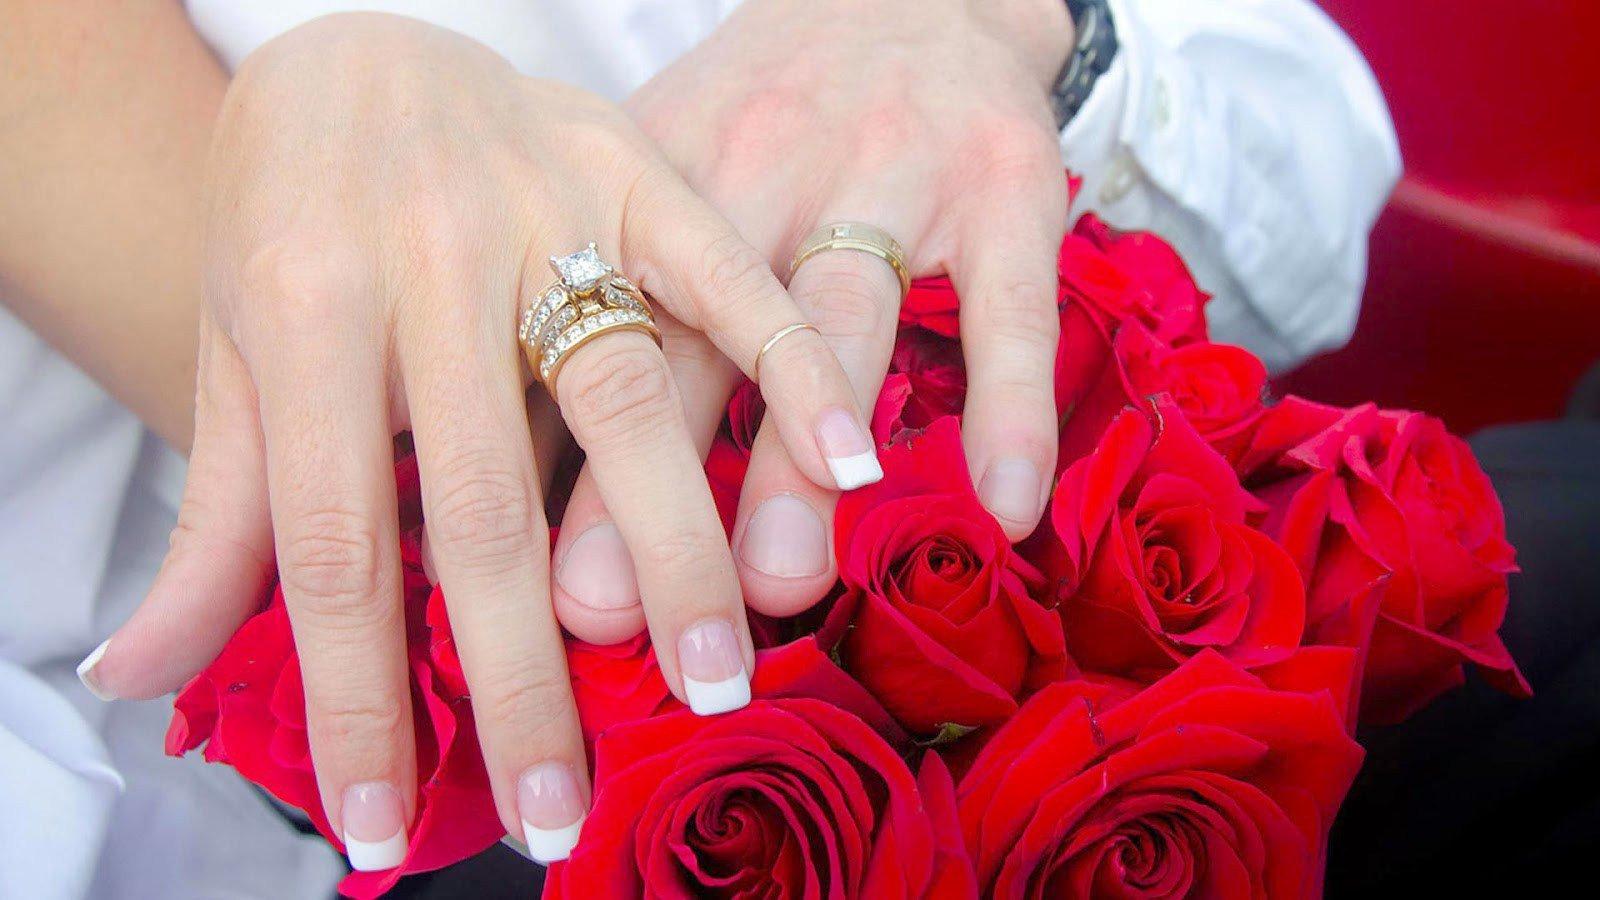 صور حلمت اني عروس وانا عزباء , تفسير رؤيا الزفاف فى المنام للعازب